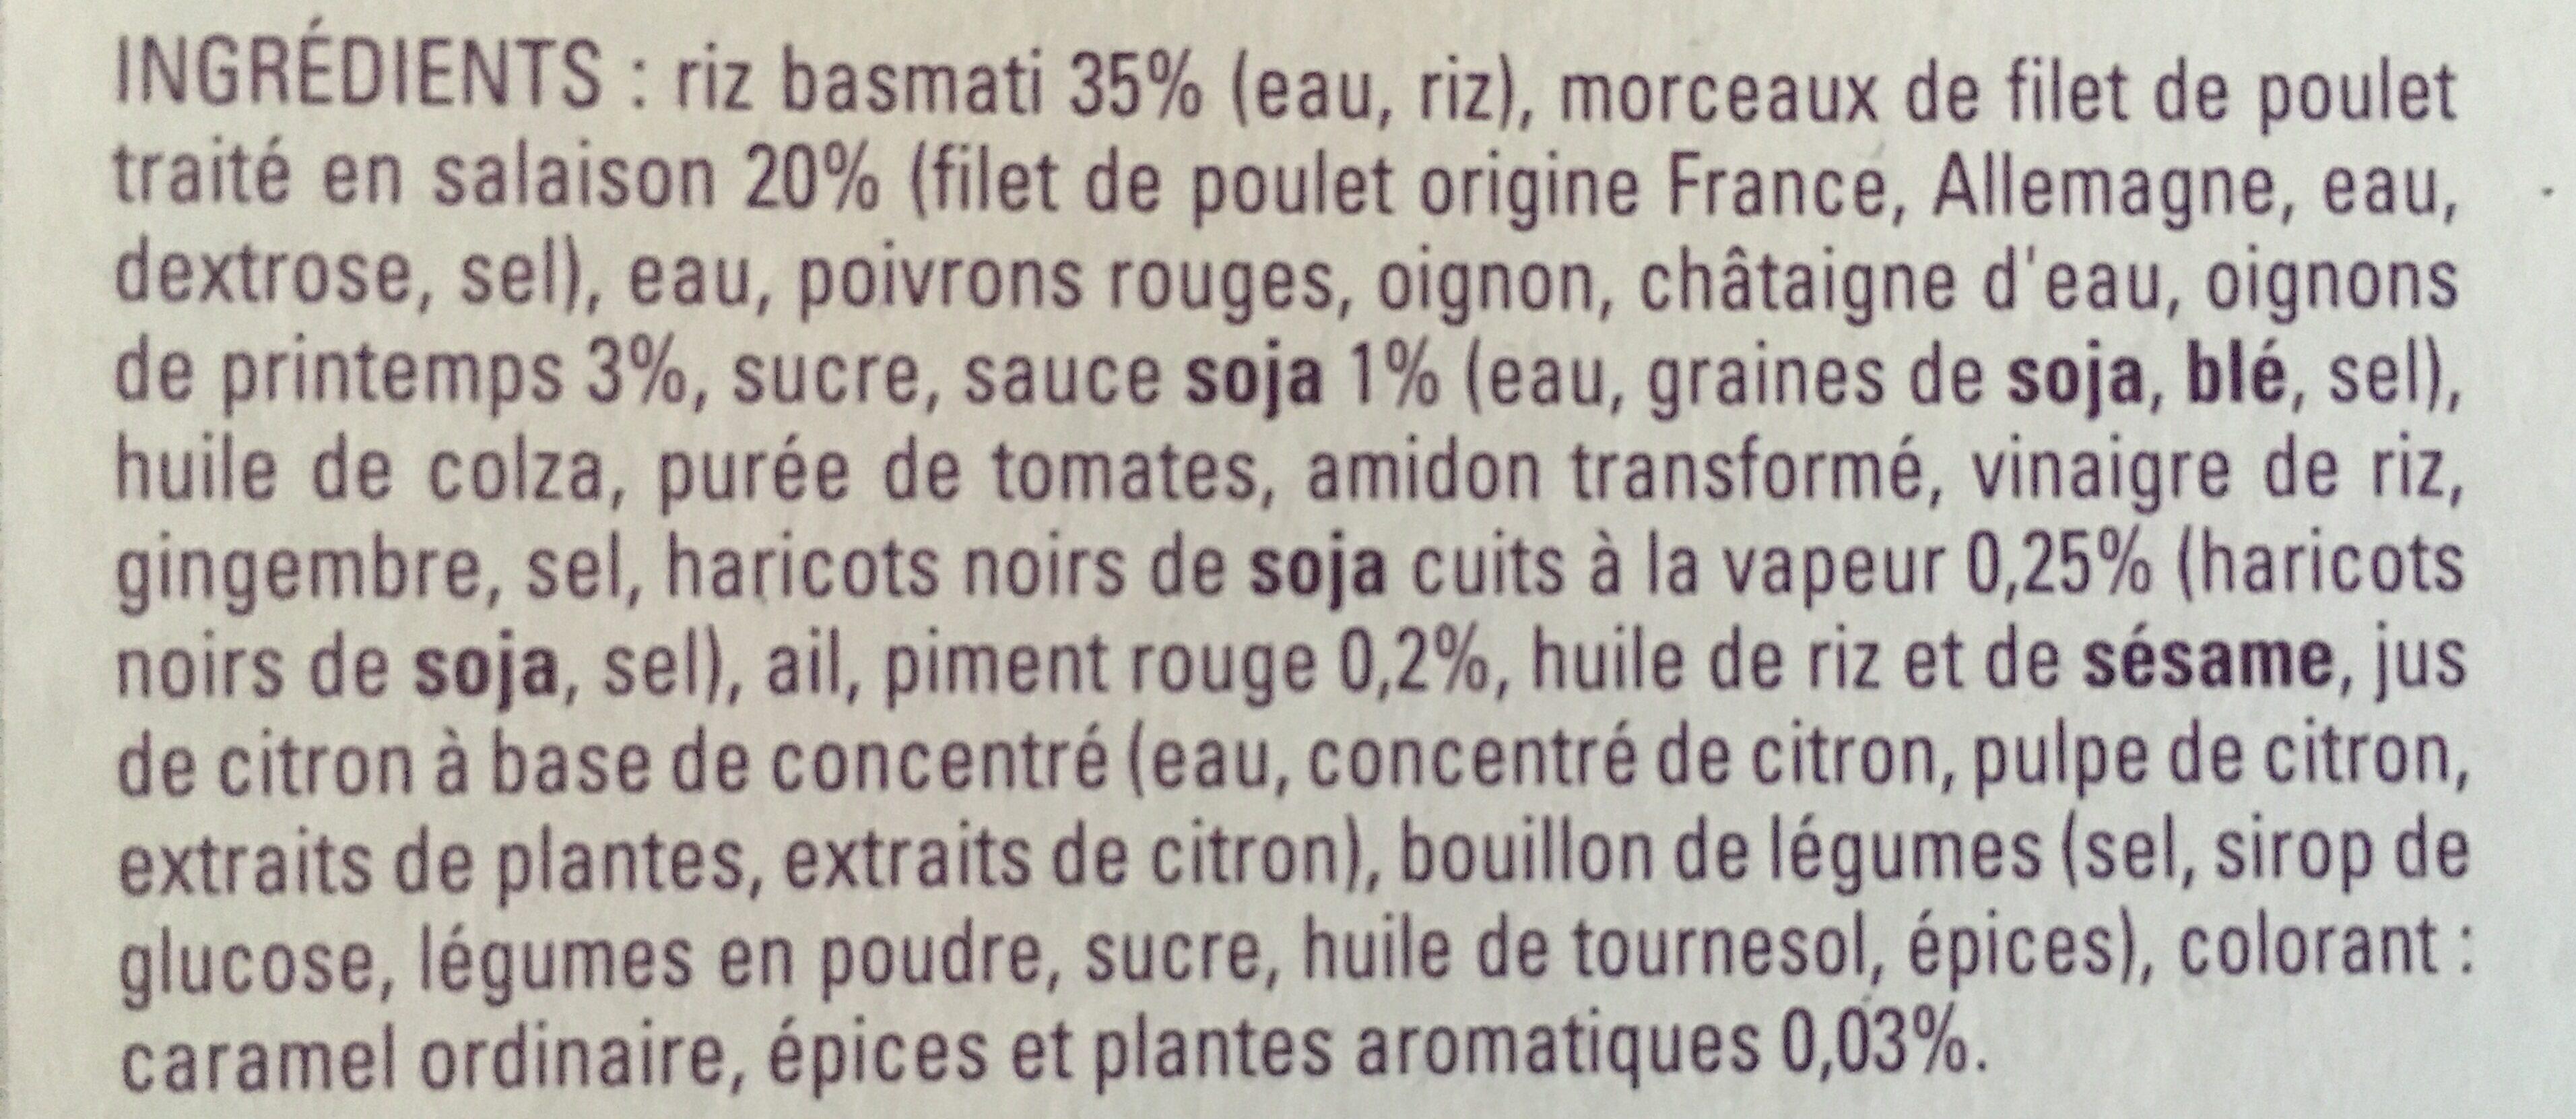 Poulet hoisin et riz basmati - Ingrédients